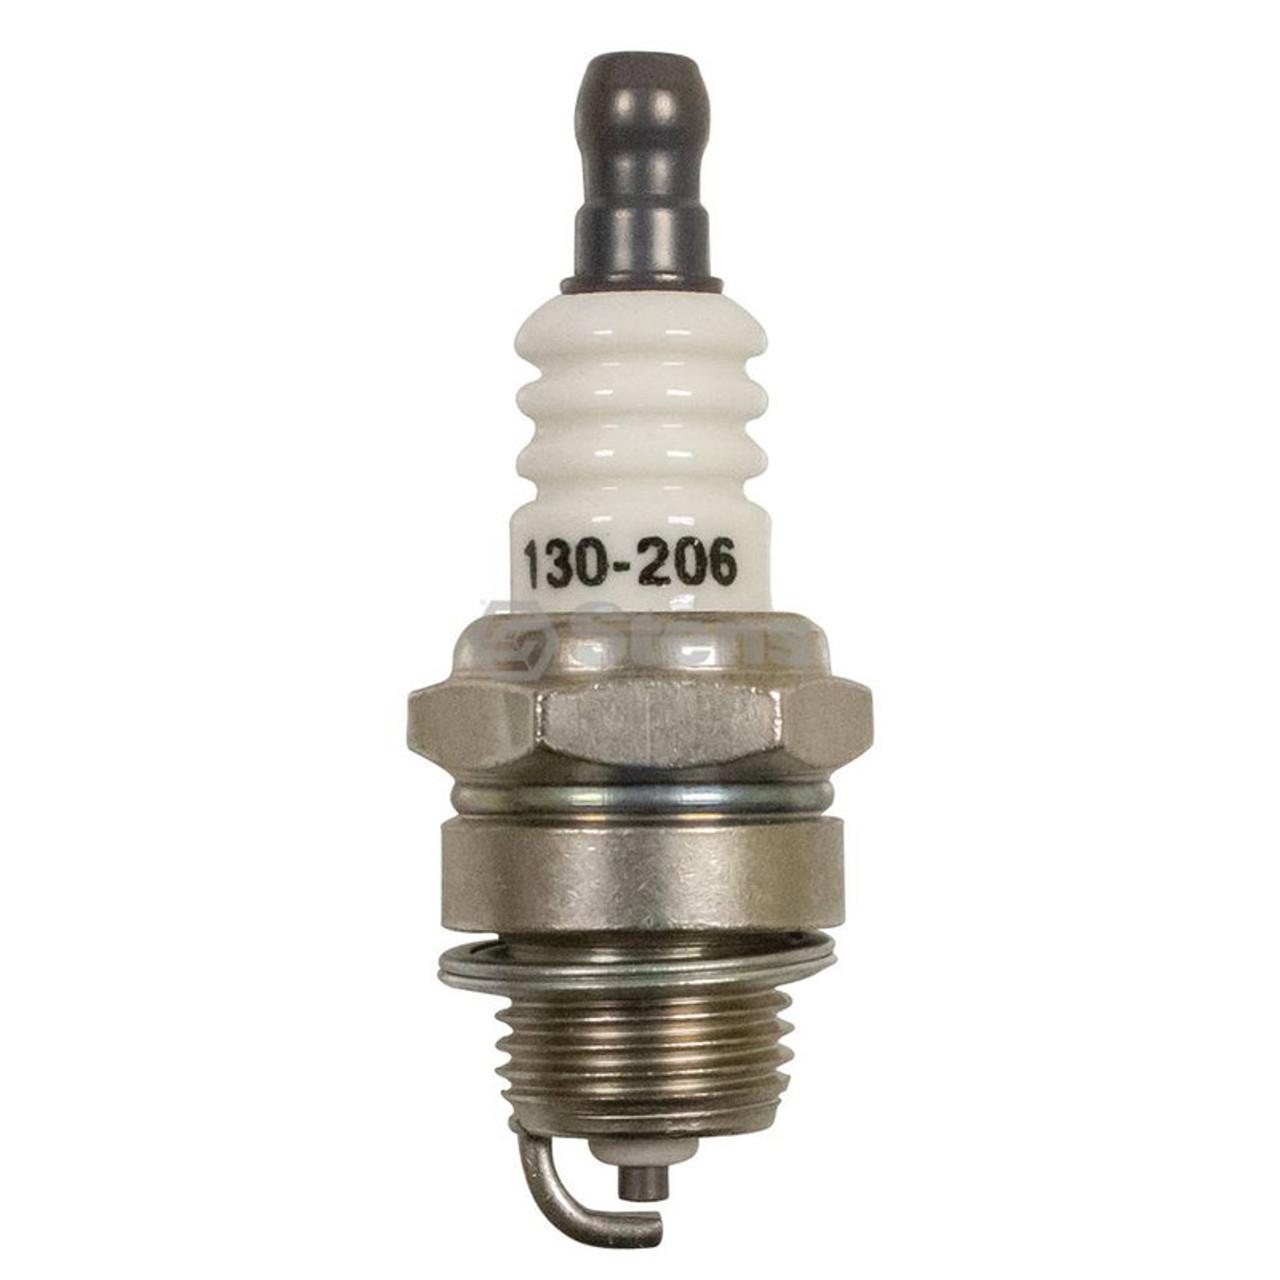 Spark Plug for Toro 53002, 53003, 53010, 53040, 53011, 53020, 53030, BPM7A